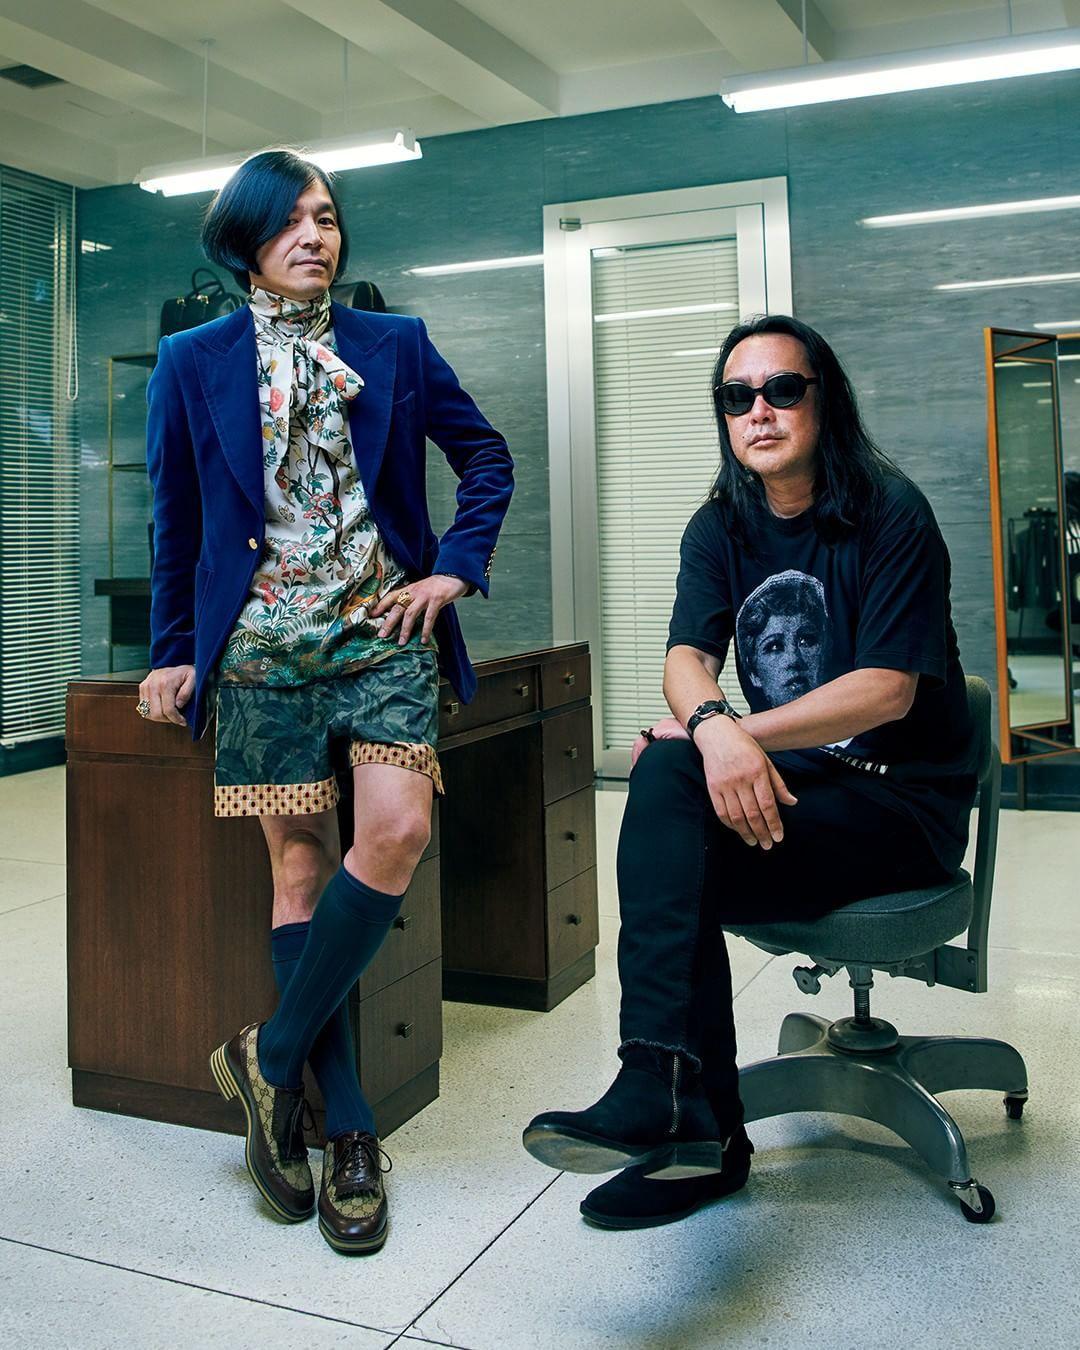 GQ JAPAN on Instagram \u201cファッション界の2大カリスマ